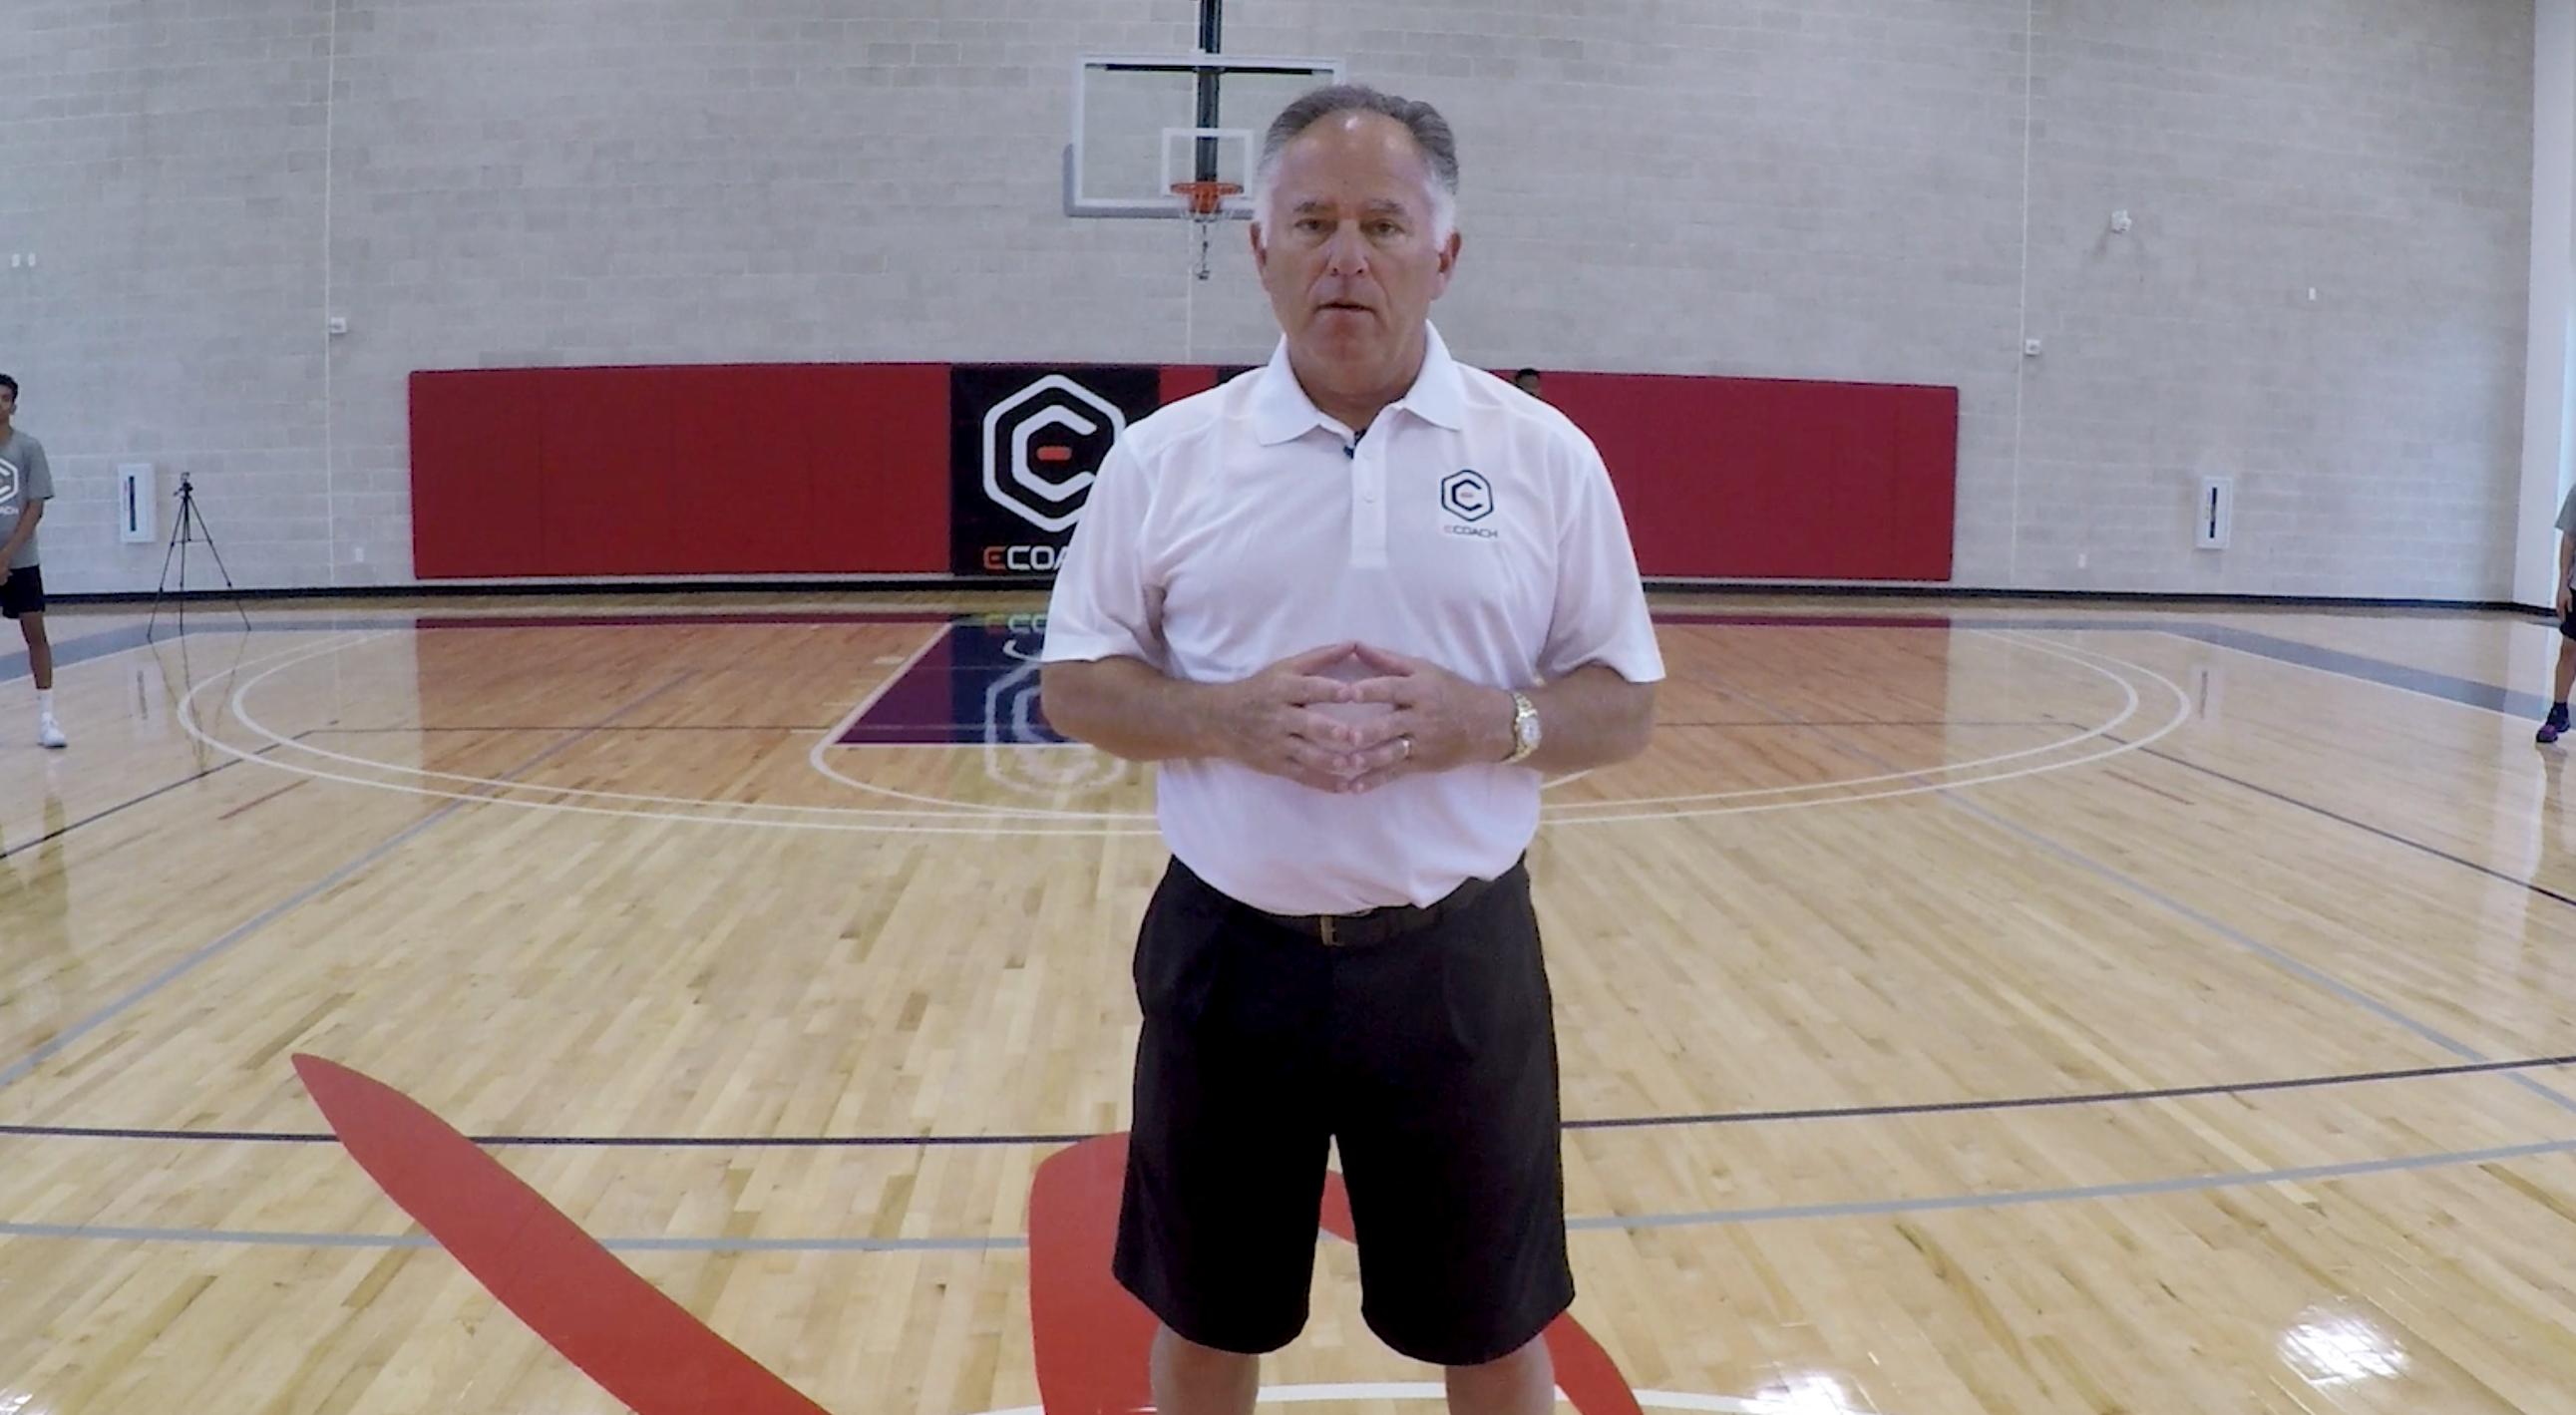 Jim O'Brien NBA Coach